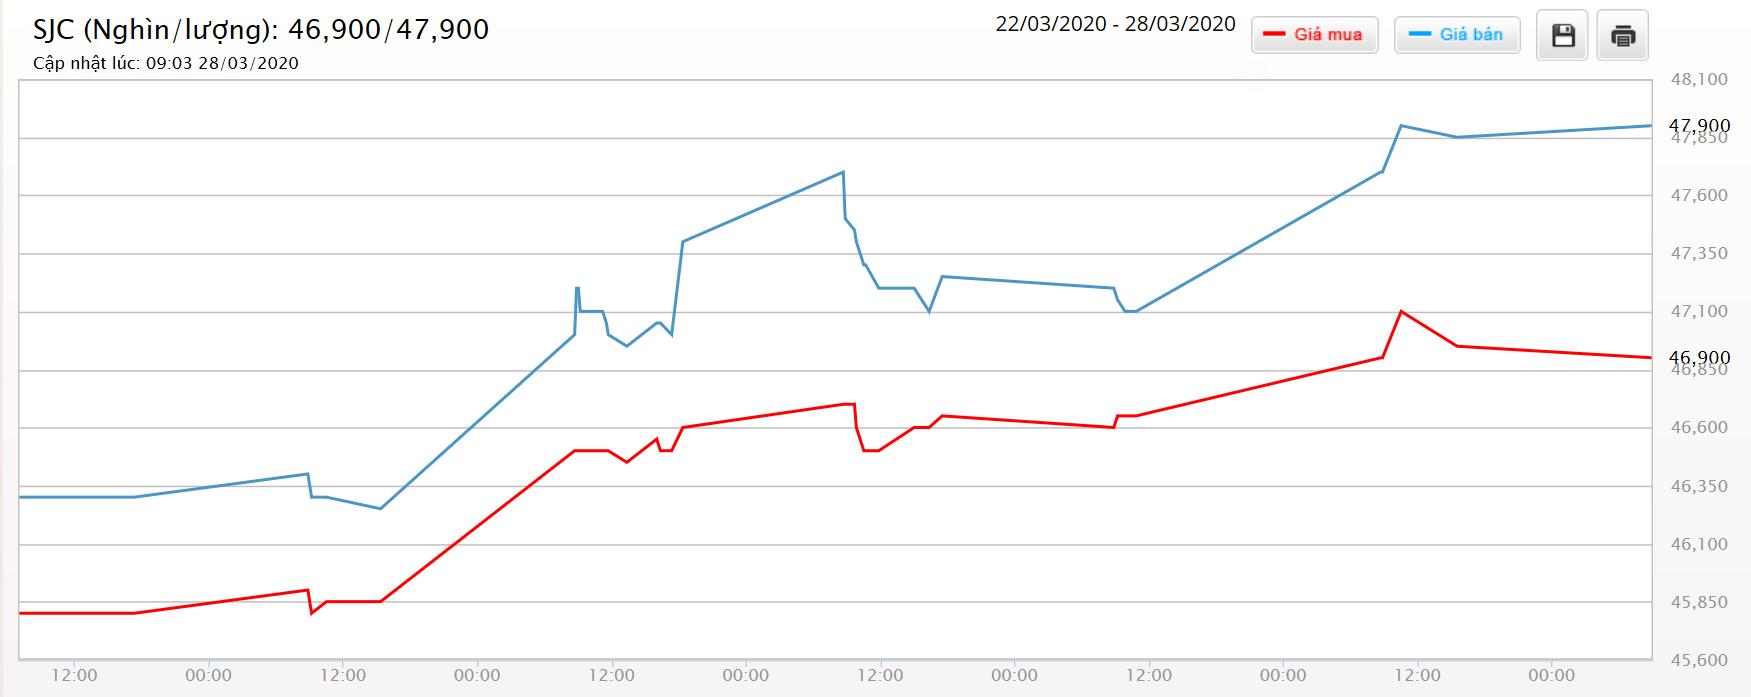 Giá vàng hôm nay 29/3: SJC tăng đến 1,6 triệu đồng/lượng sau một tuần - Ảnh 1.